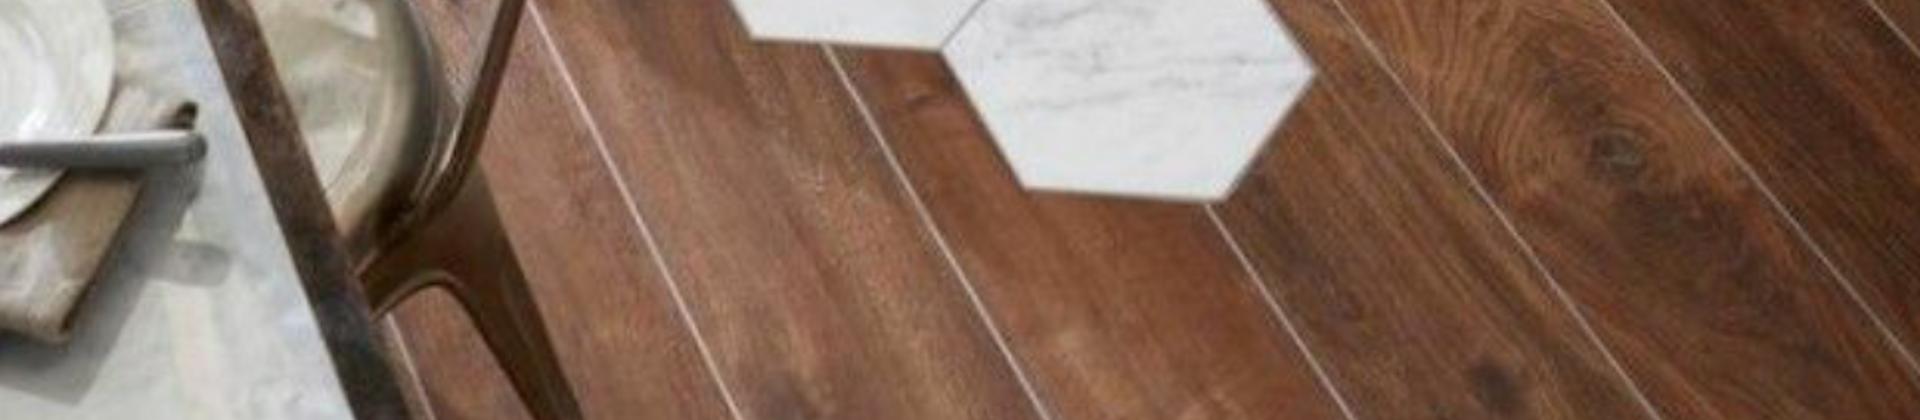 Jak Układać Płytki Imitujące Drewno